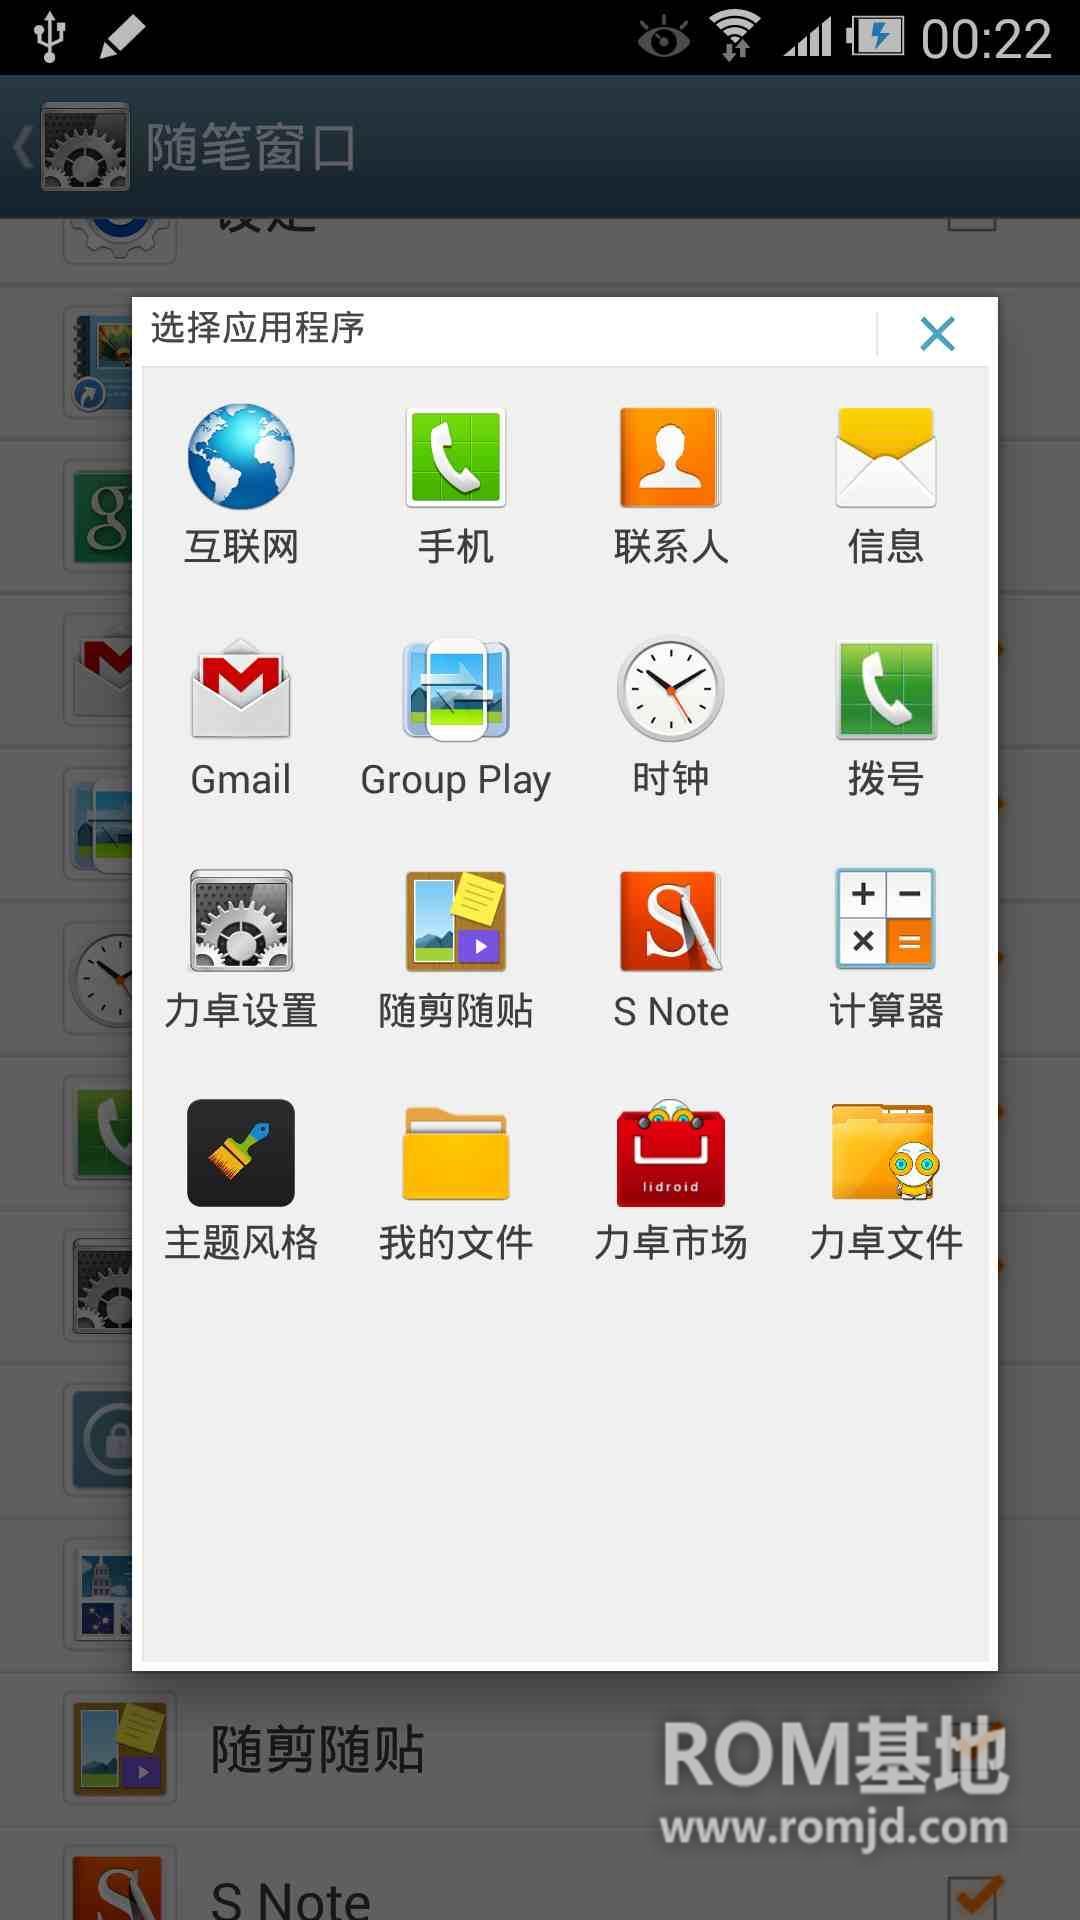 【绿化纯净】三星 Note 3 N9002力卓ROM 主题支持 自动录音 24键开关 纯净版刷机包ROM刷机包截图